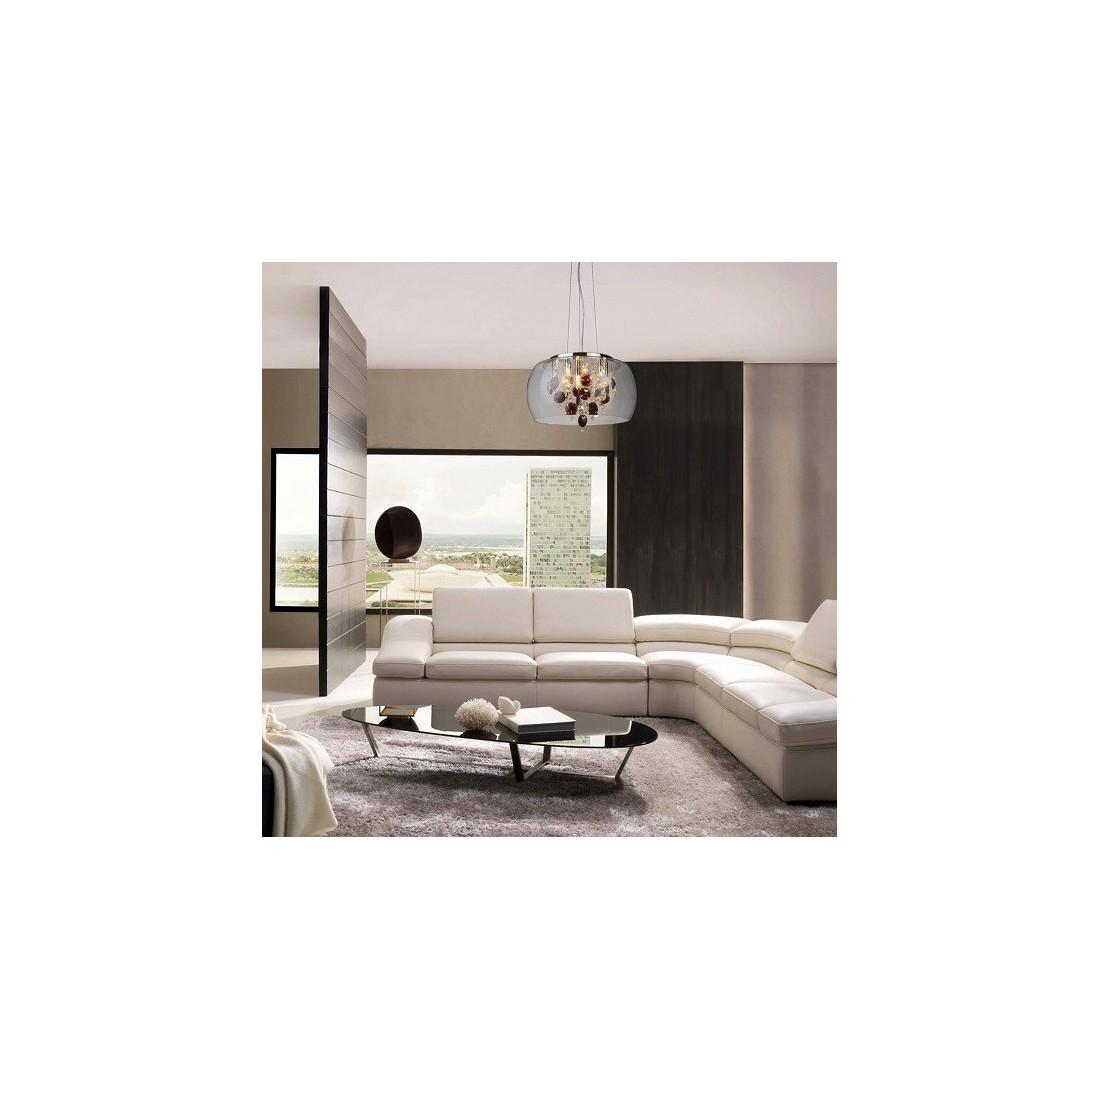 L mparas ideales para decorar dormitorios de ni os - Lamparas techo ninos ...